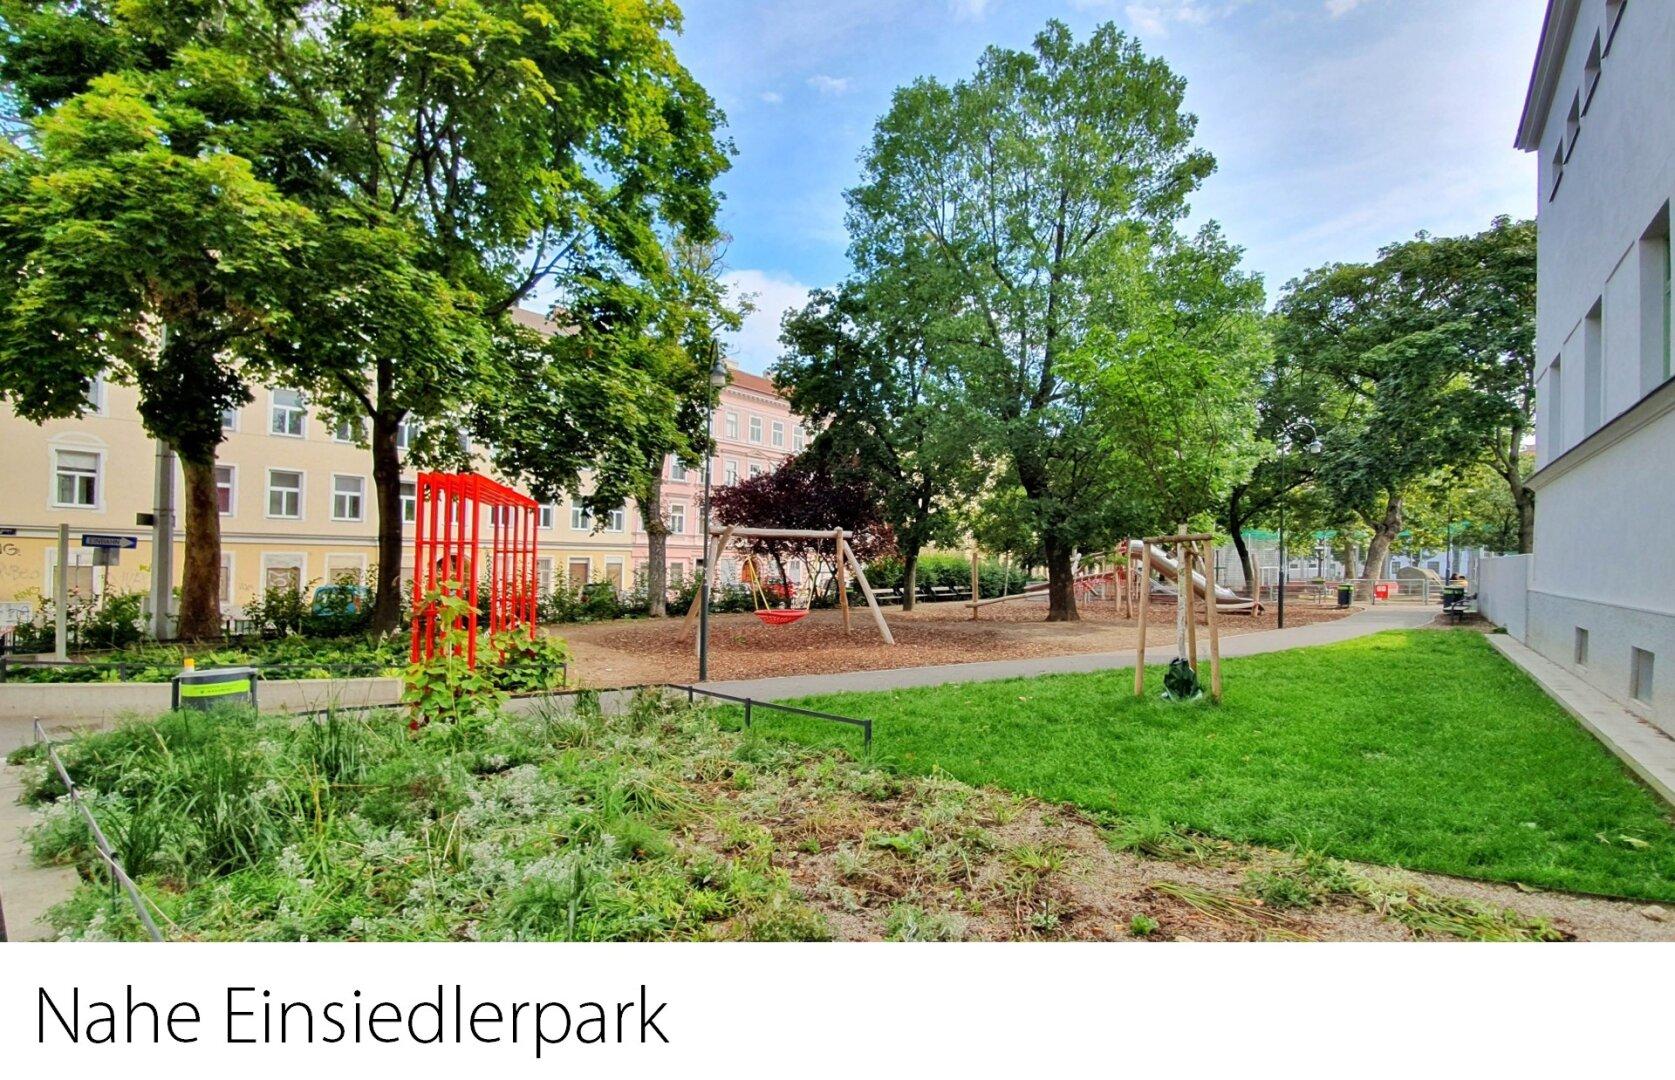 Nahe Einsiedlerpark